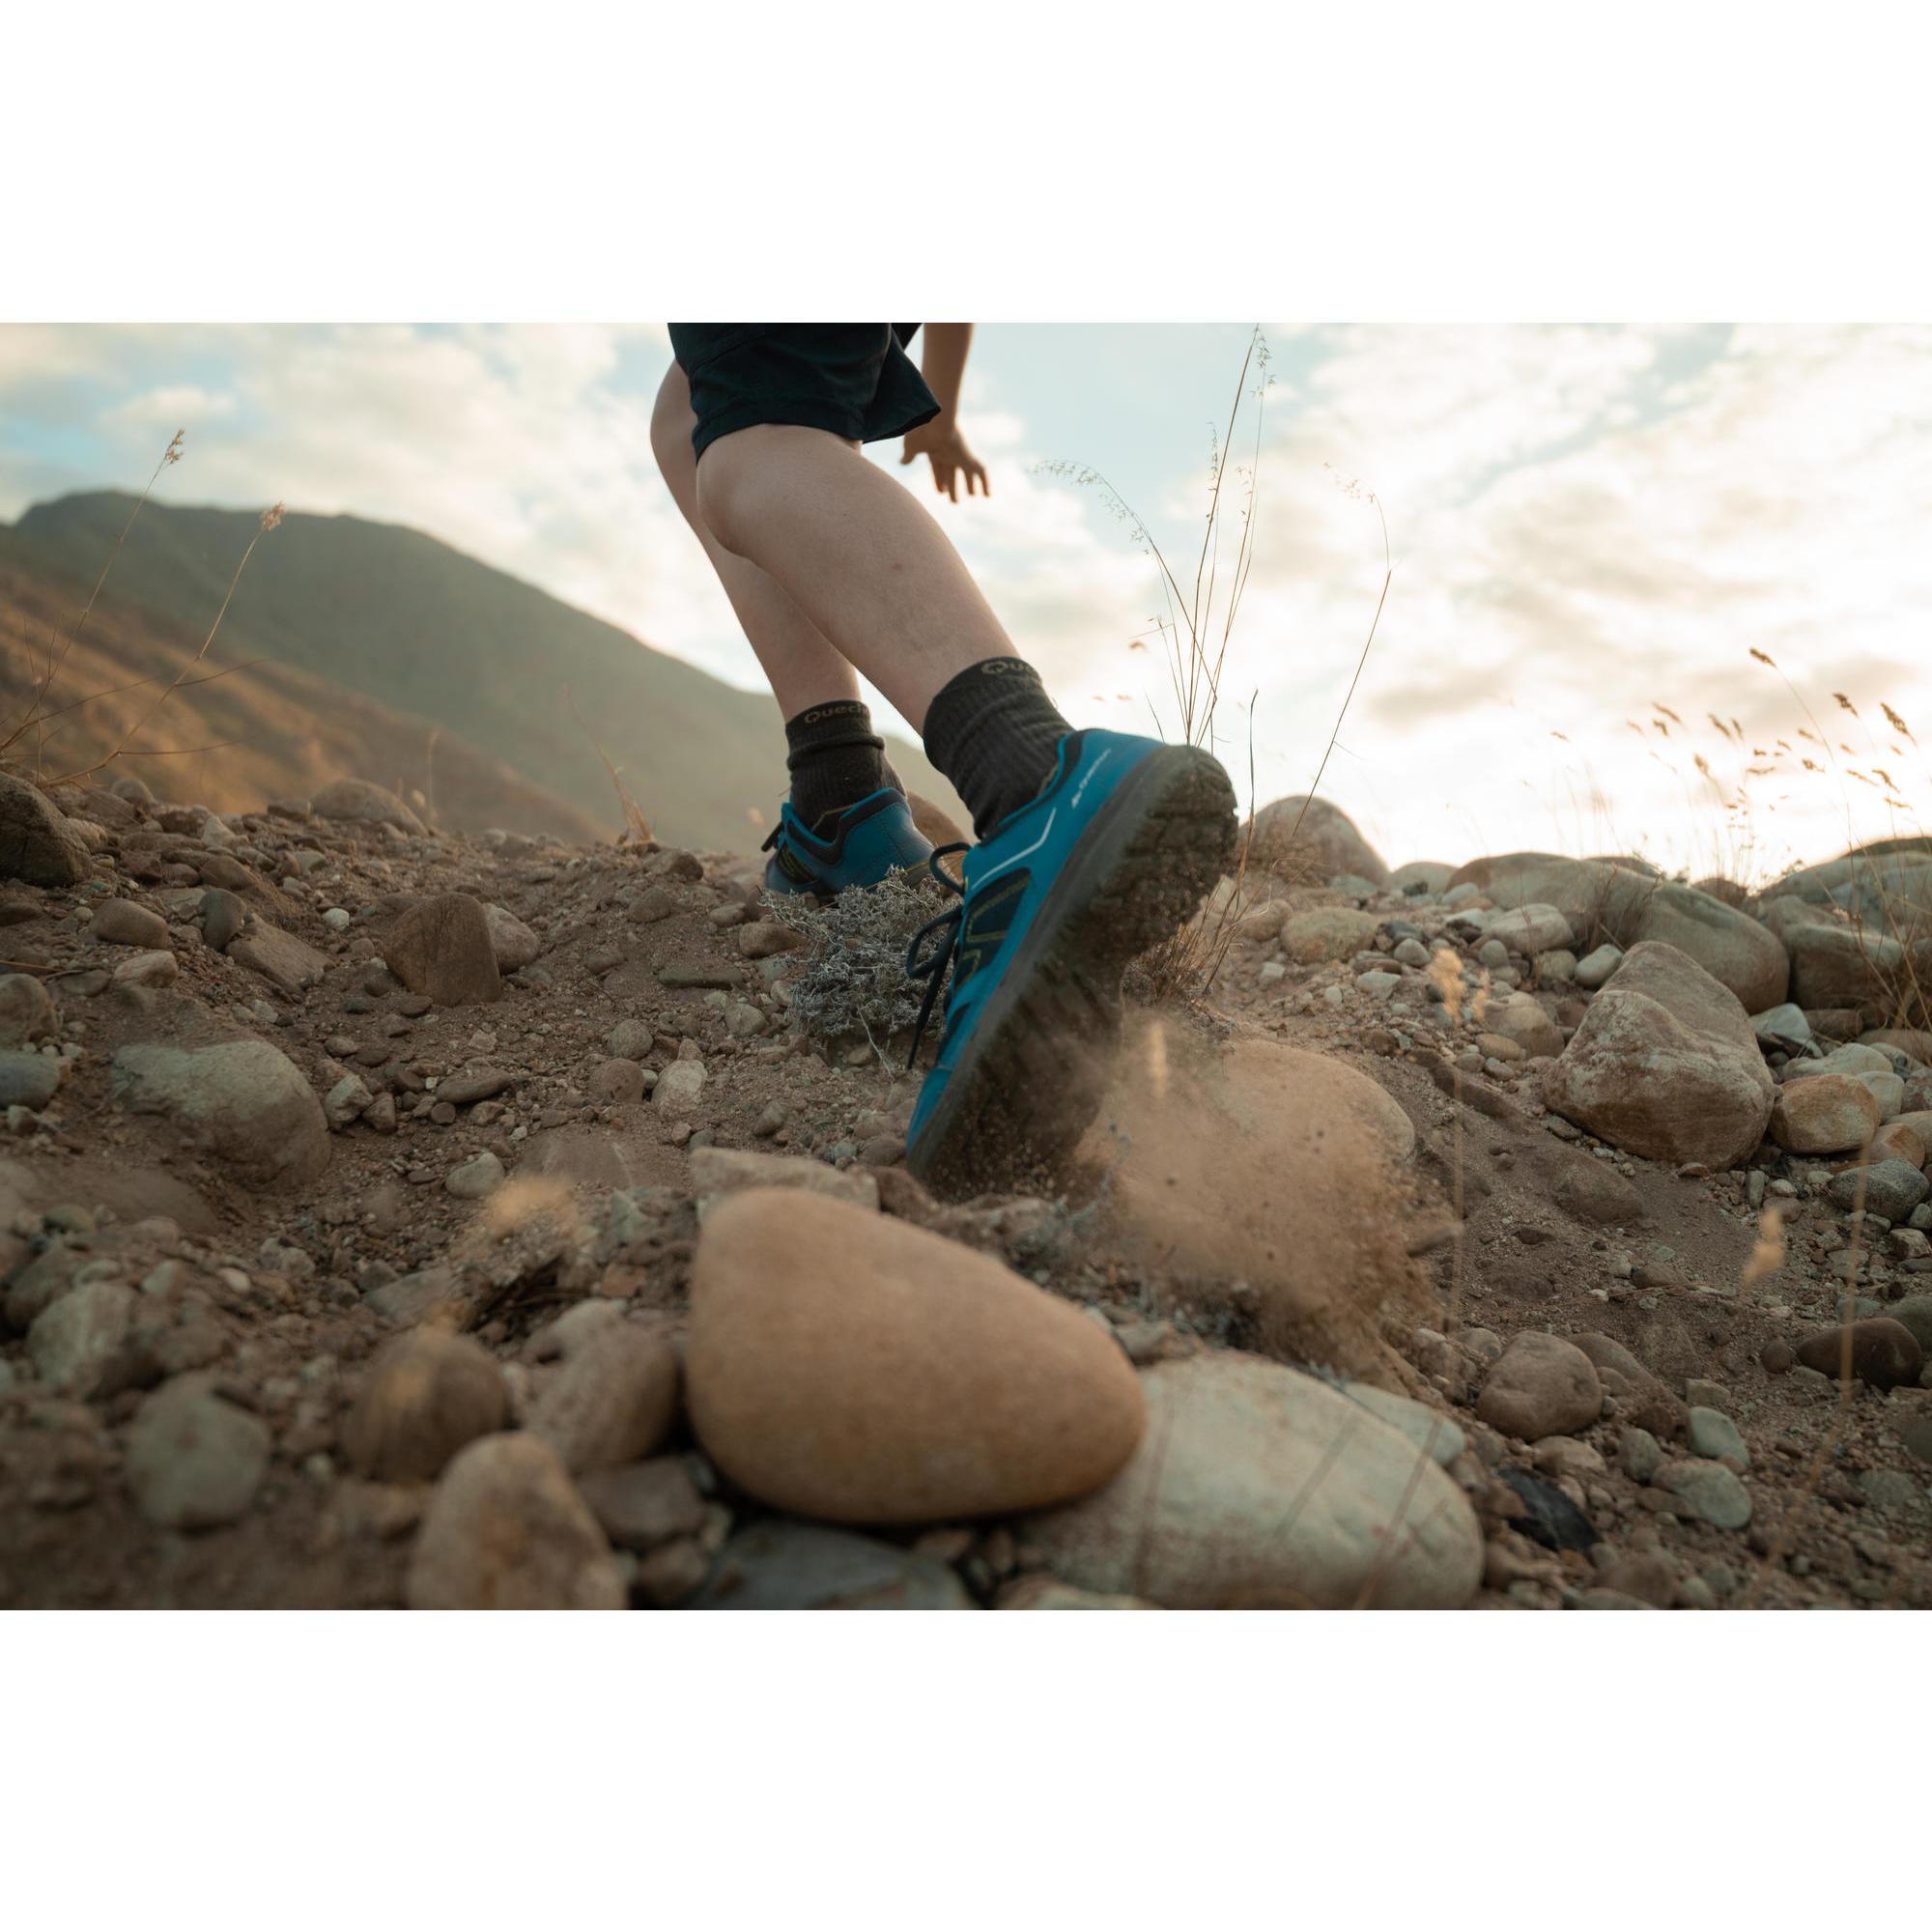 Garçons Enfants Été Randonnée Marche Trail Sandales-bleu gris marron Taille 2 3 4 5 6